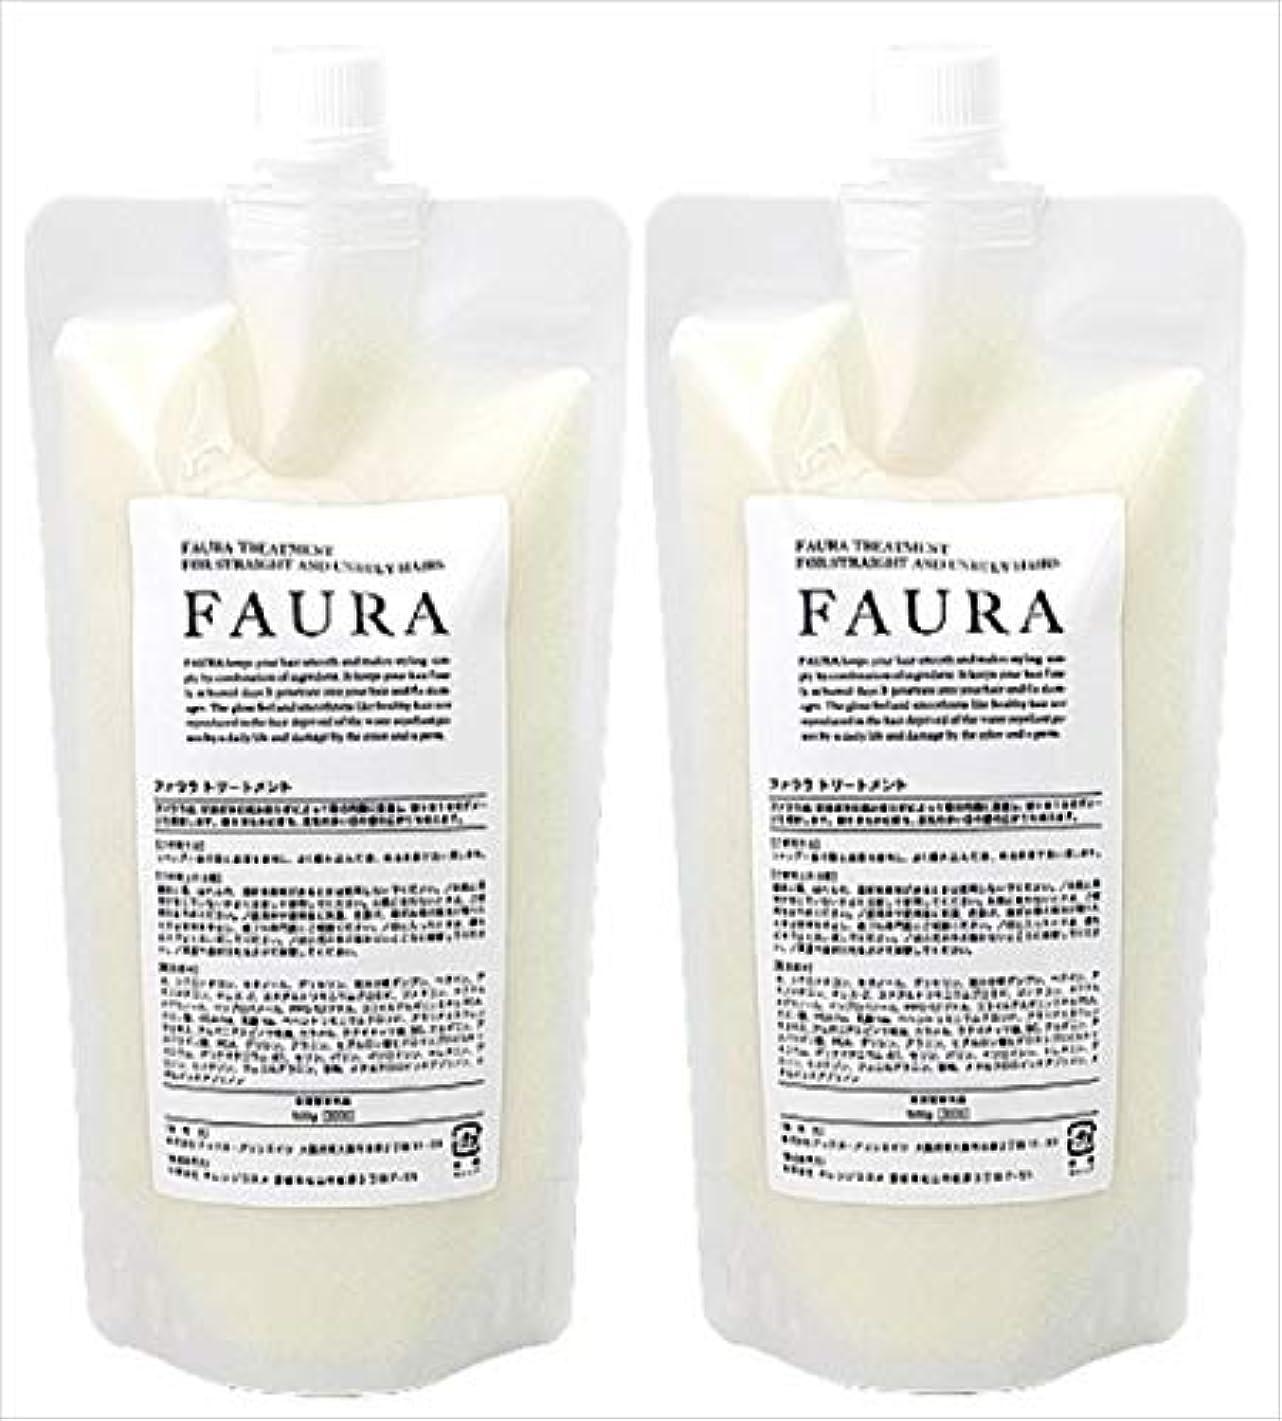 魅力的であることへのアピール差別化する届ける【送料無料】FAURA ファウラ ヘアトリートメント (傷んだ髪に) 詰替500g2つのセット 【サロン専売品】